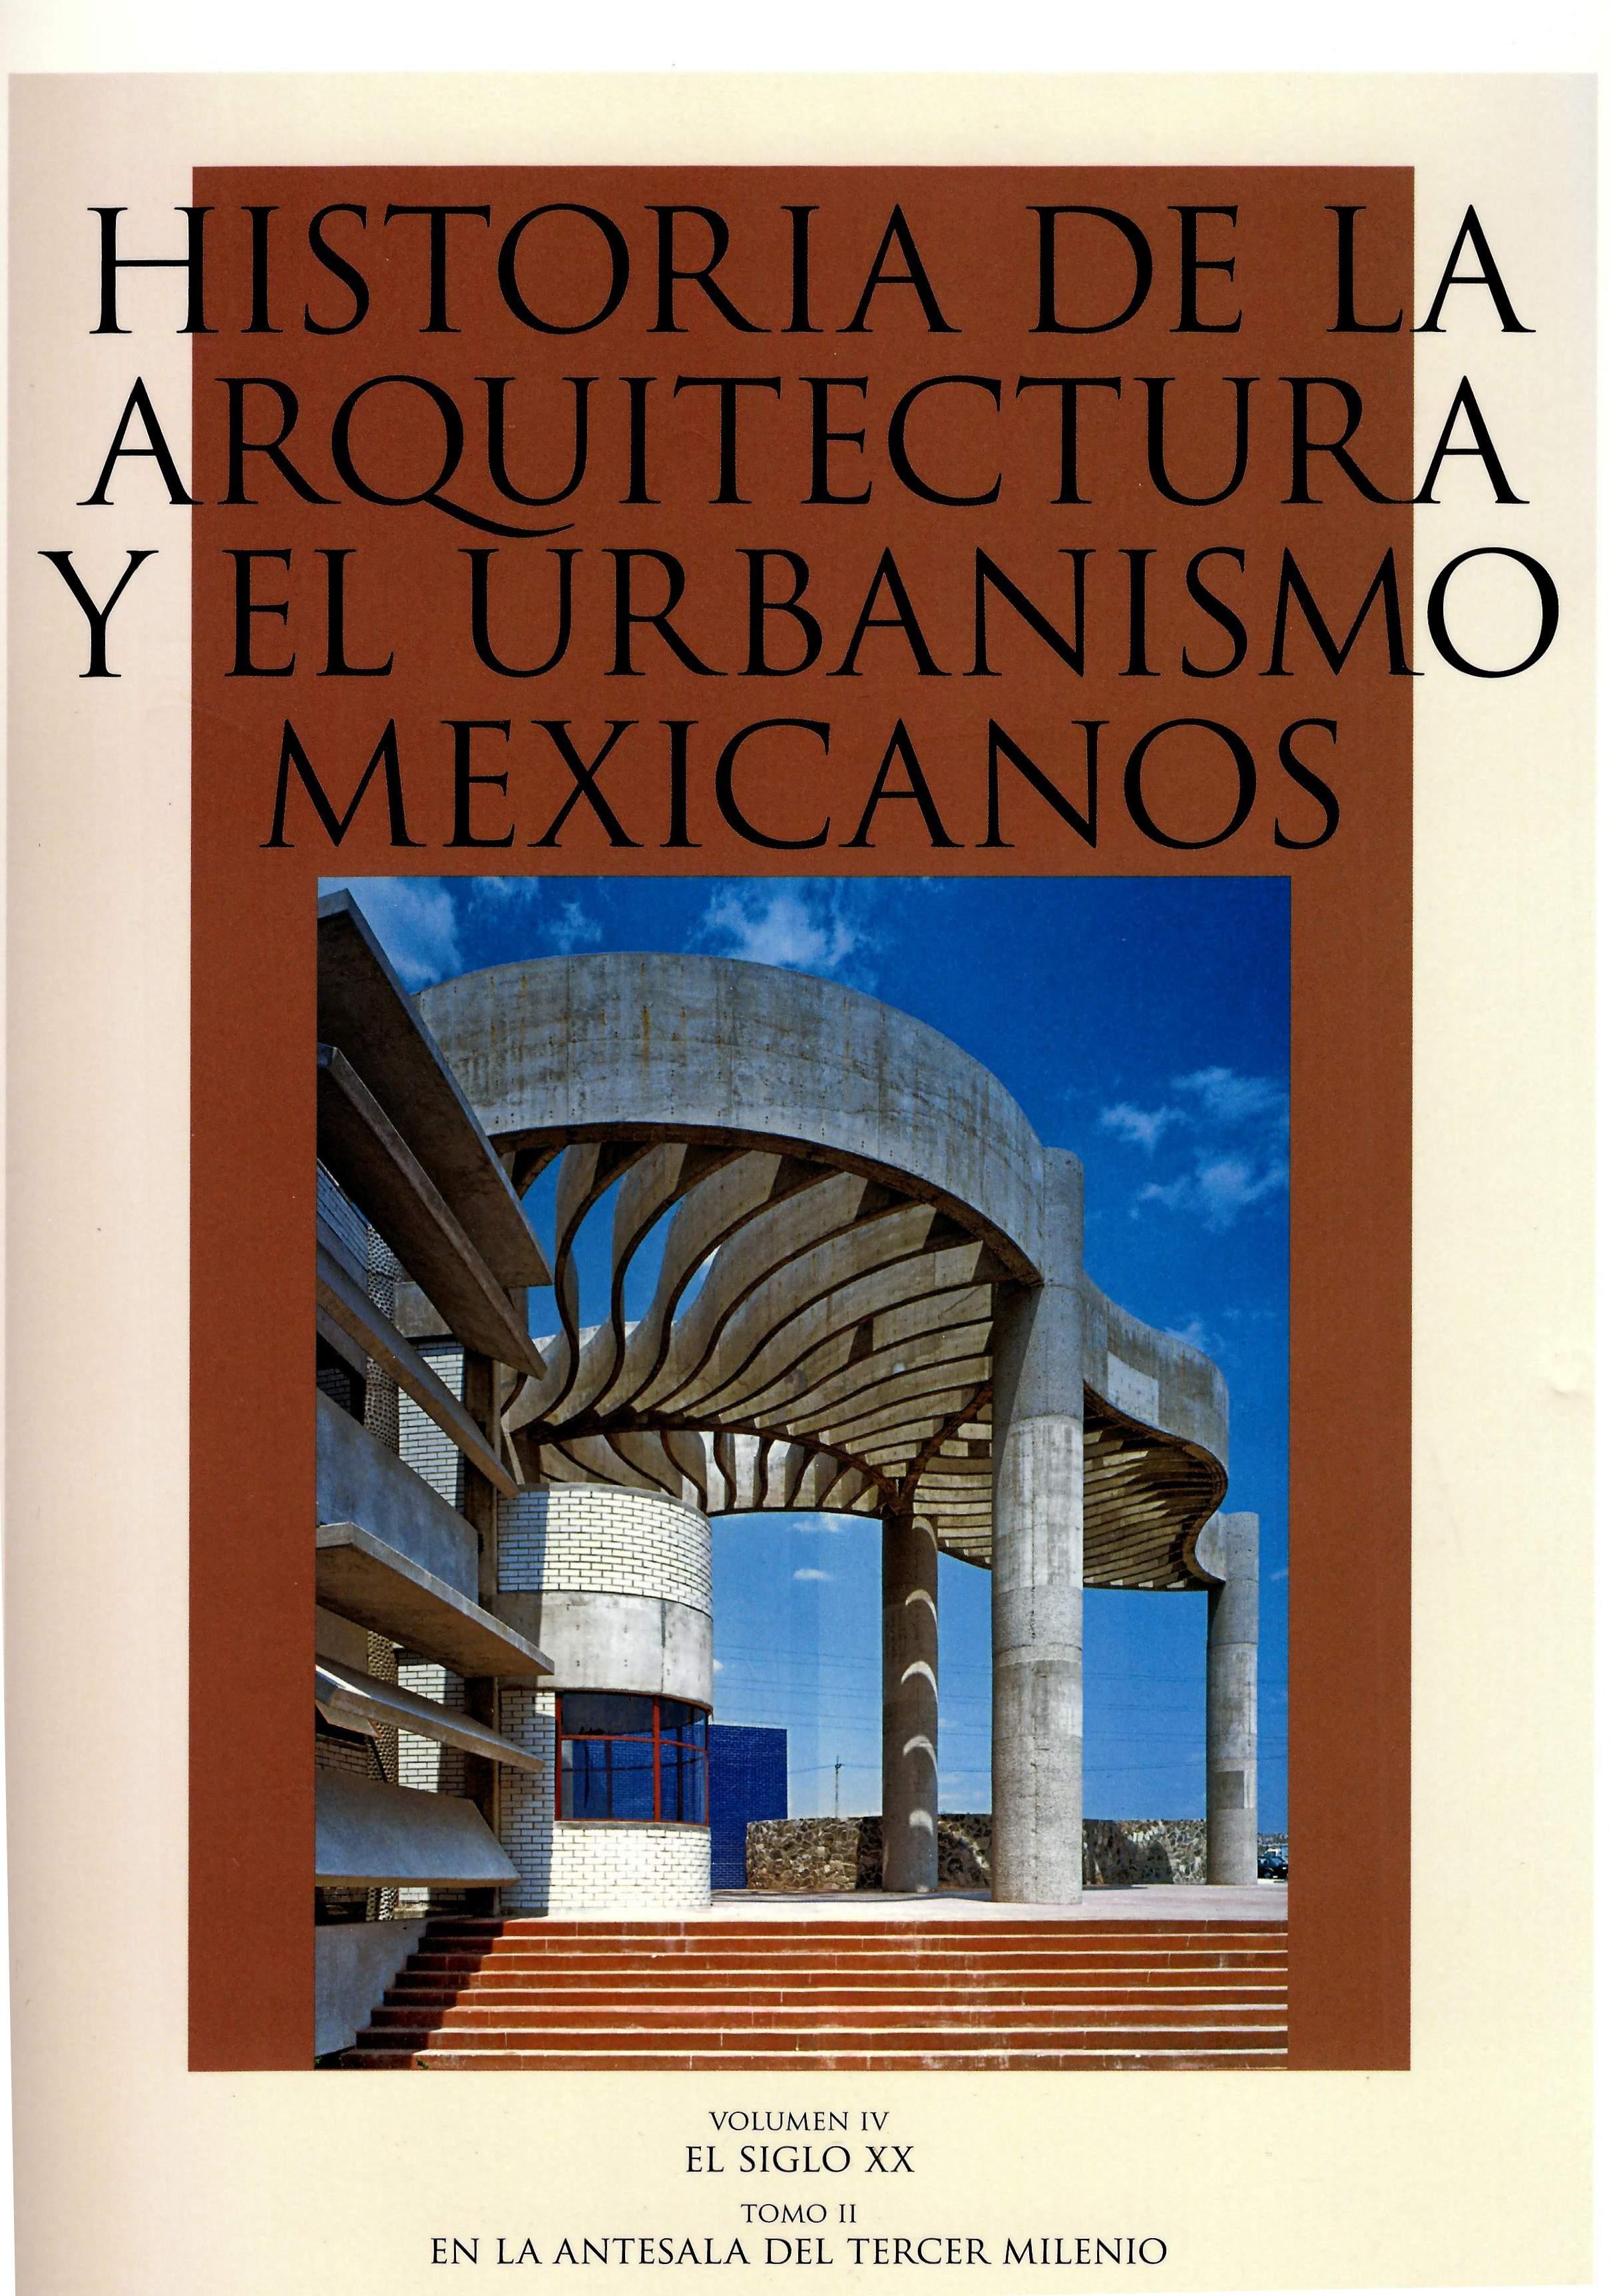 Historia de la arquitectura y el urbanismo mexicanos. Volumen IV: el siglo XX. Tomo II En la antesala del tercer milenio